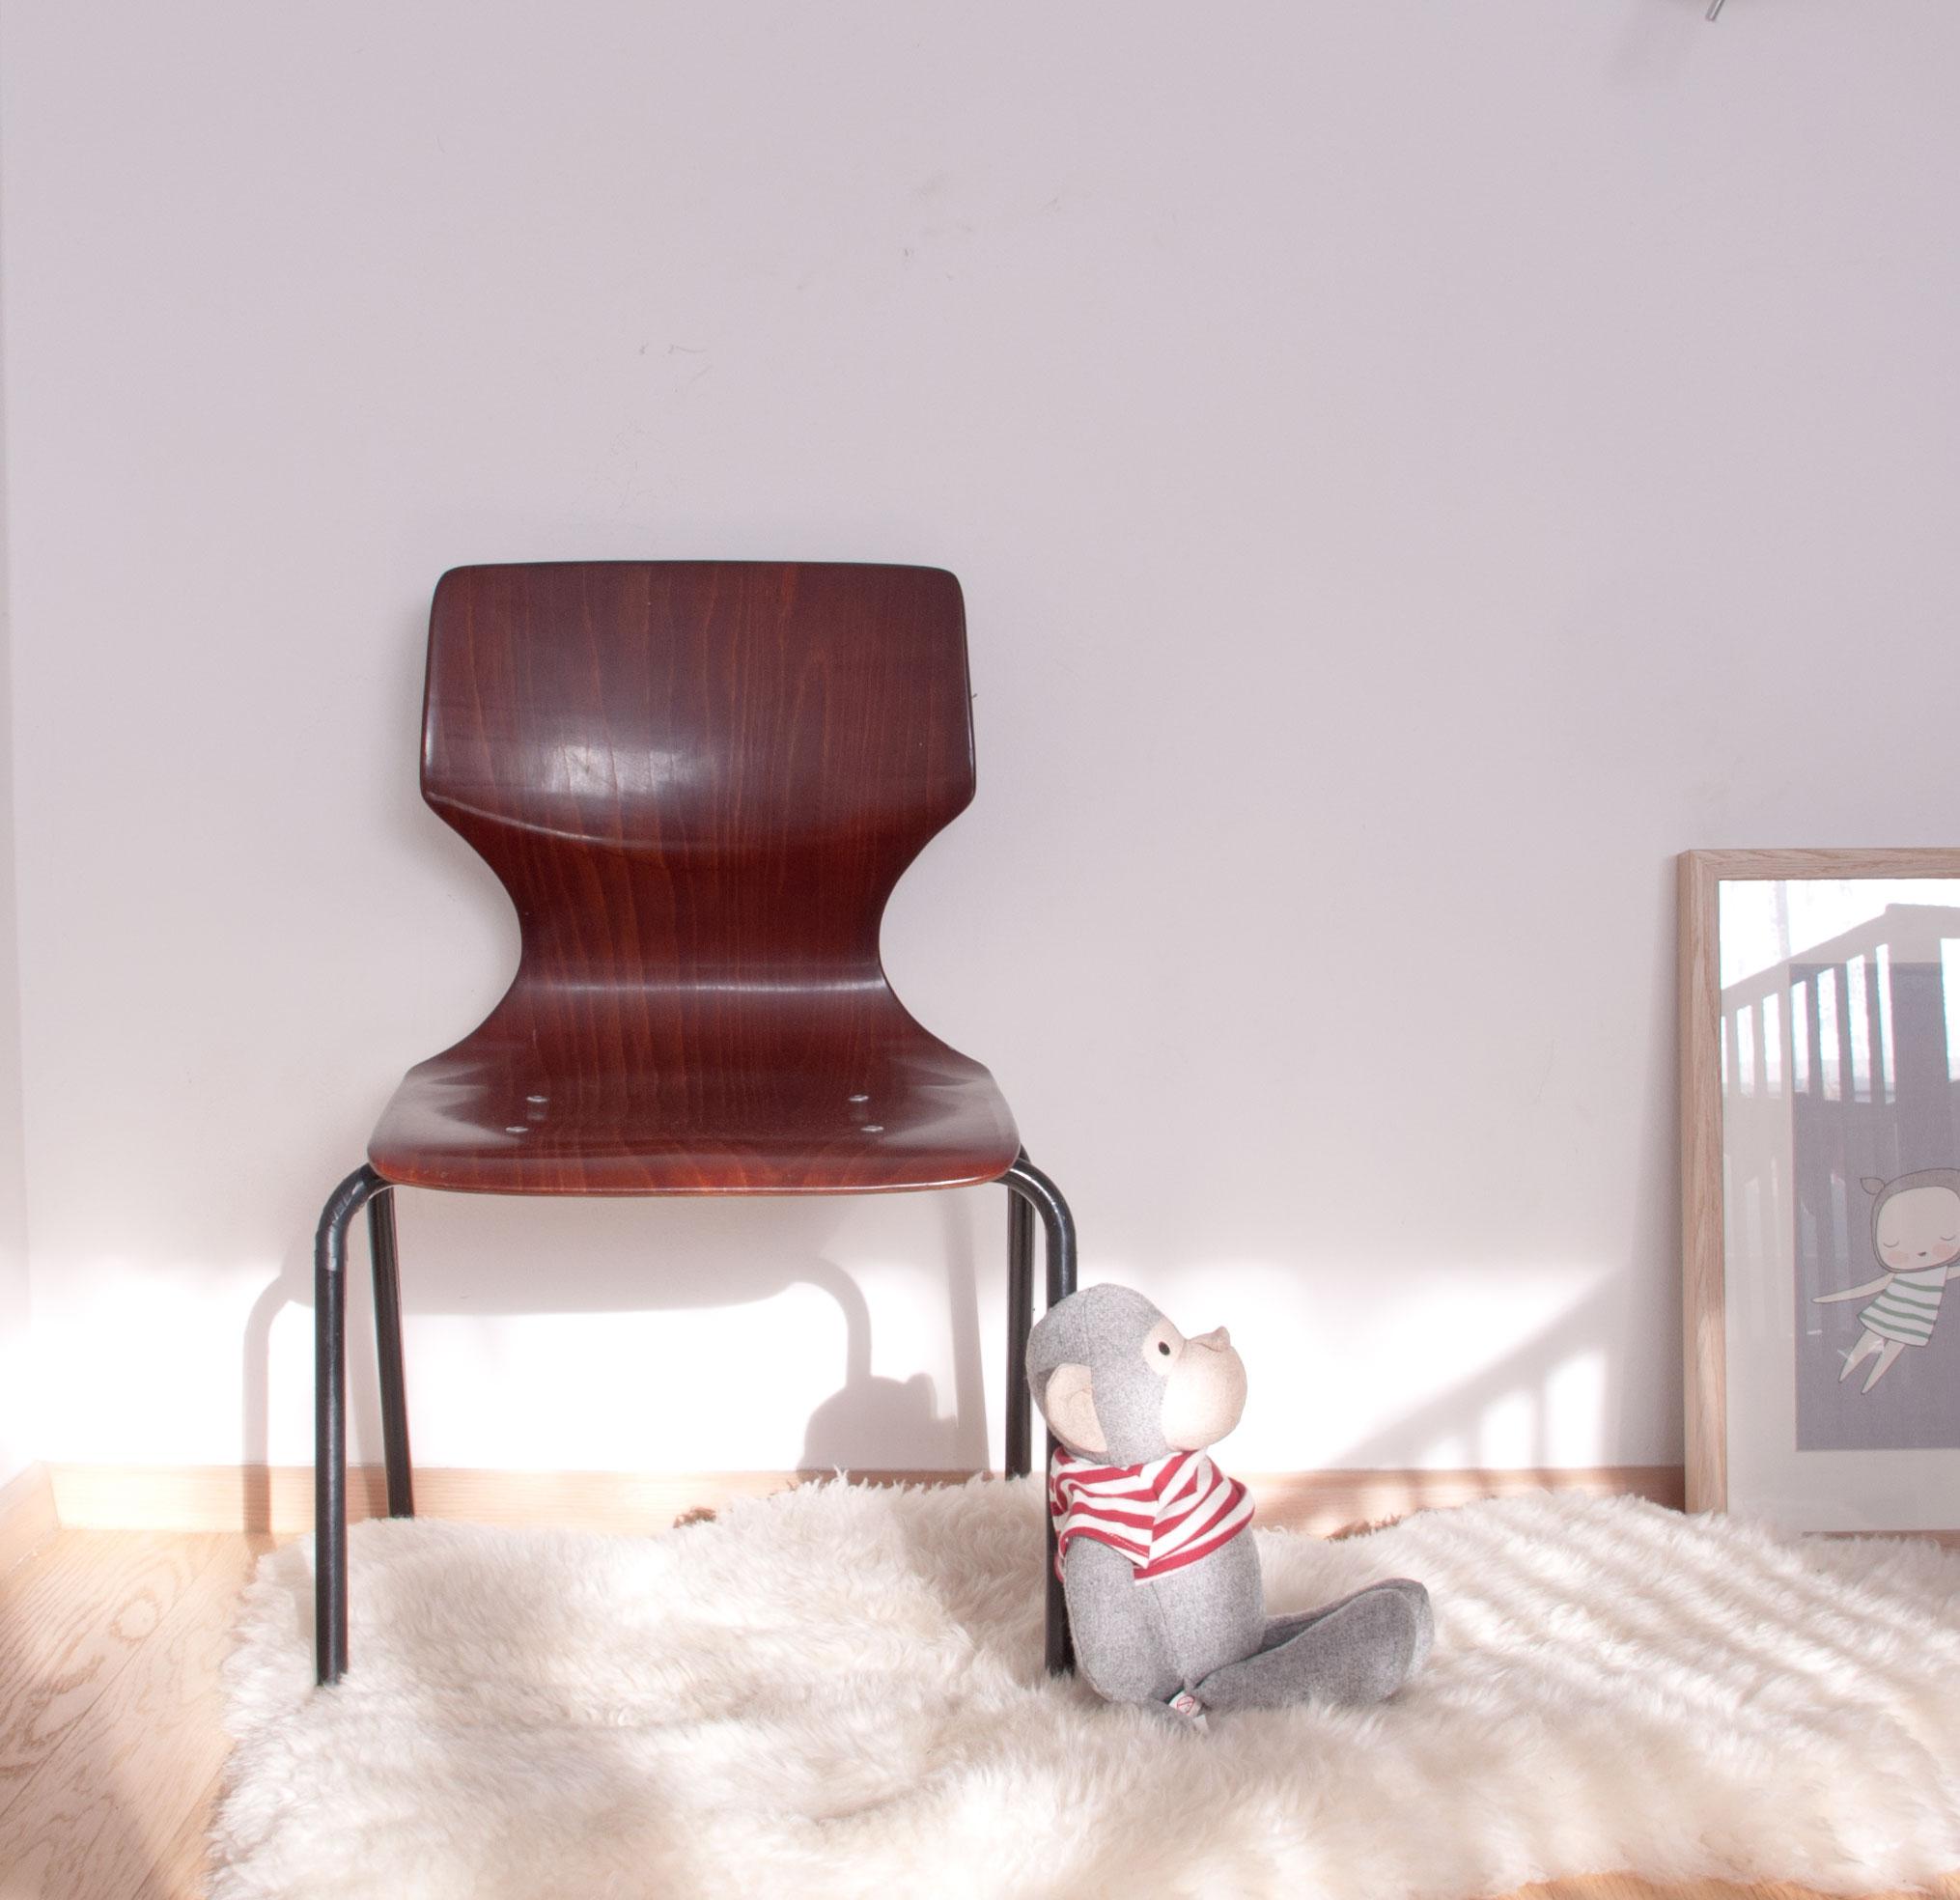 Vintage Stuhl mit holz und metallfüßen